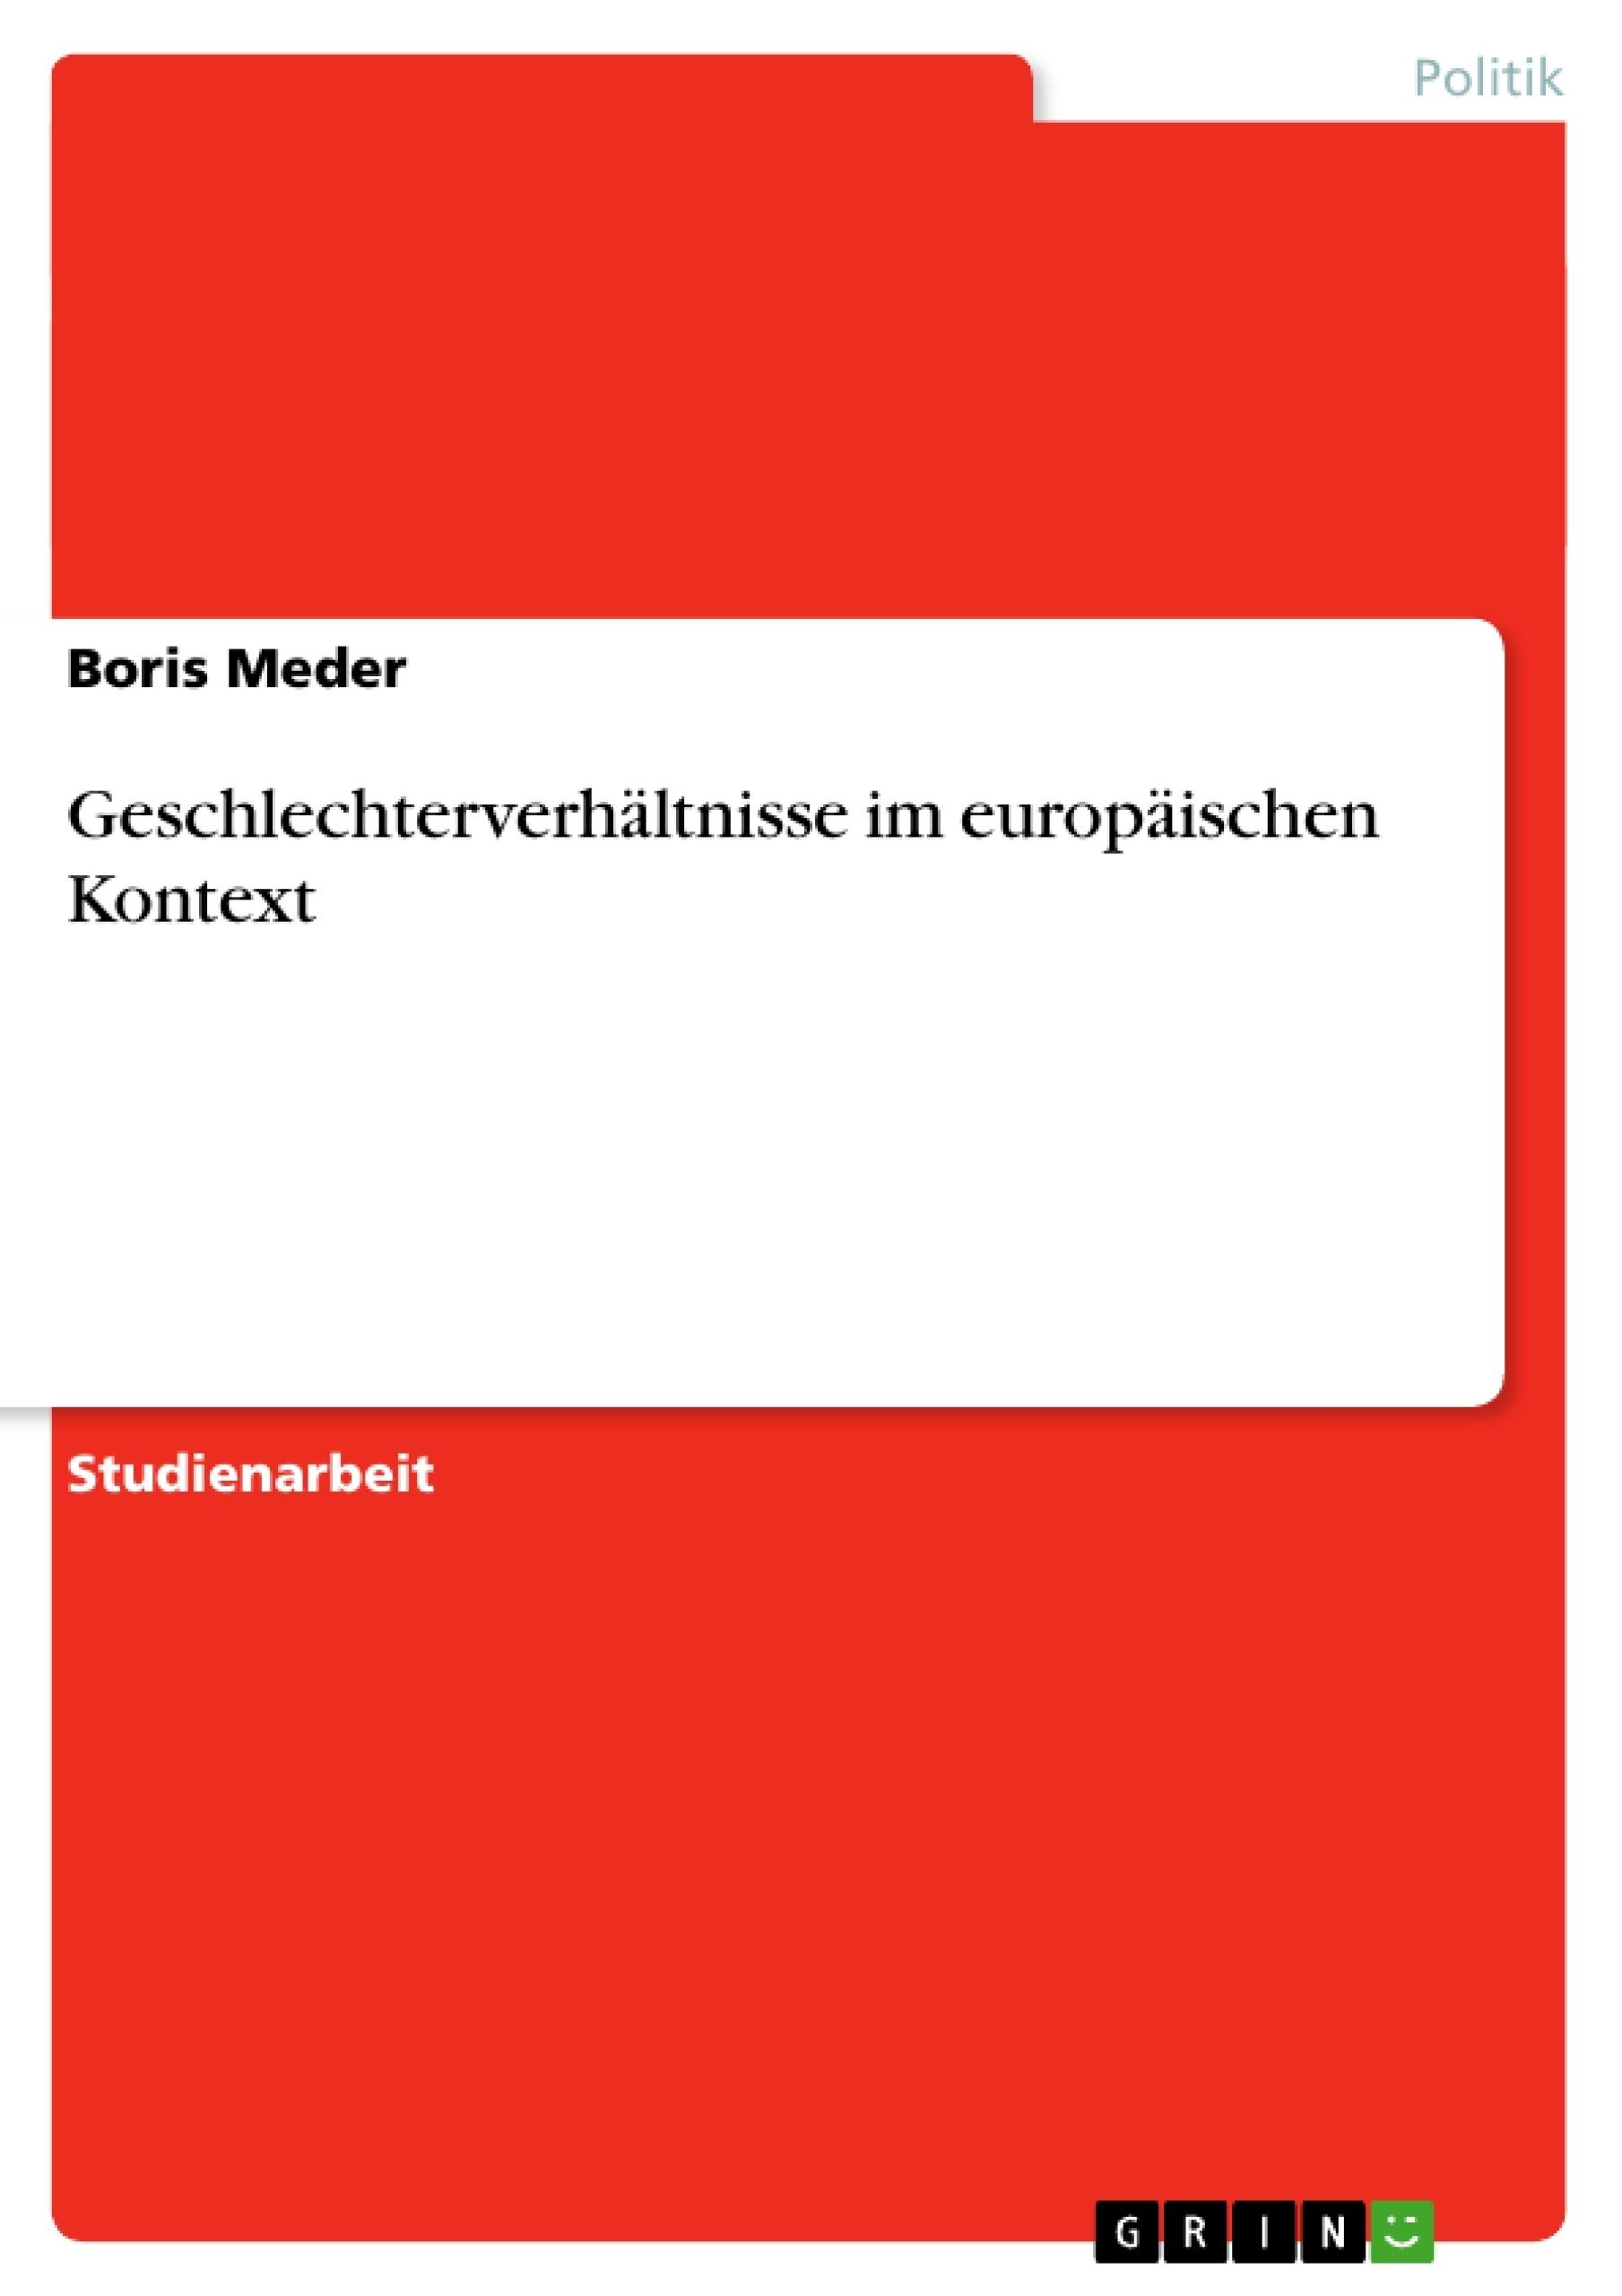 Titel: Geschlechterverhältnisse im europäischen Kontext